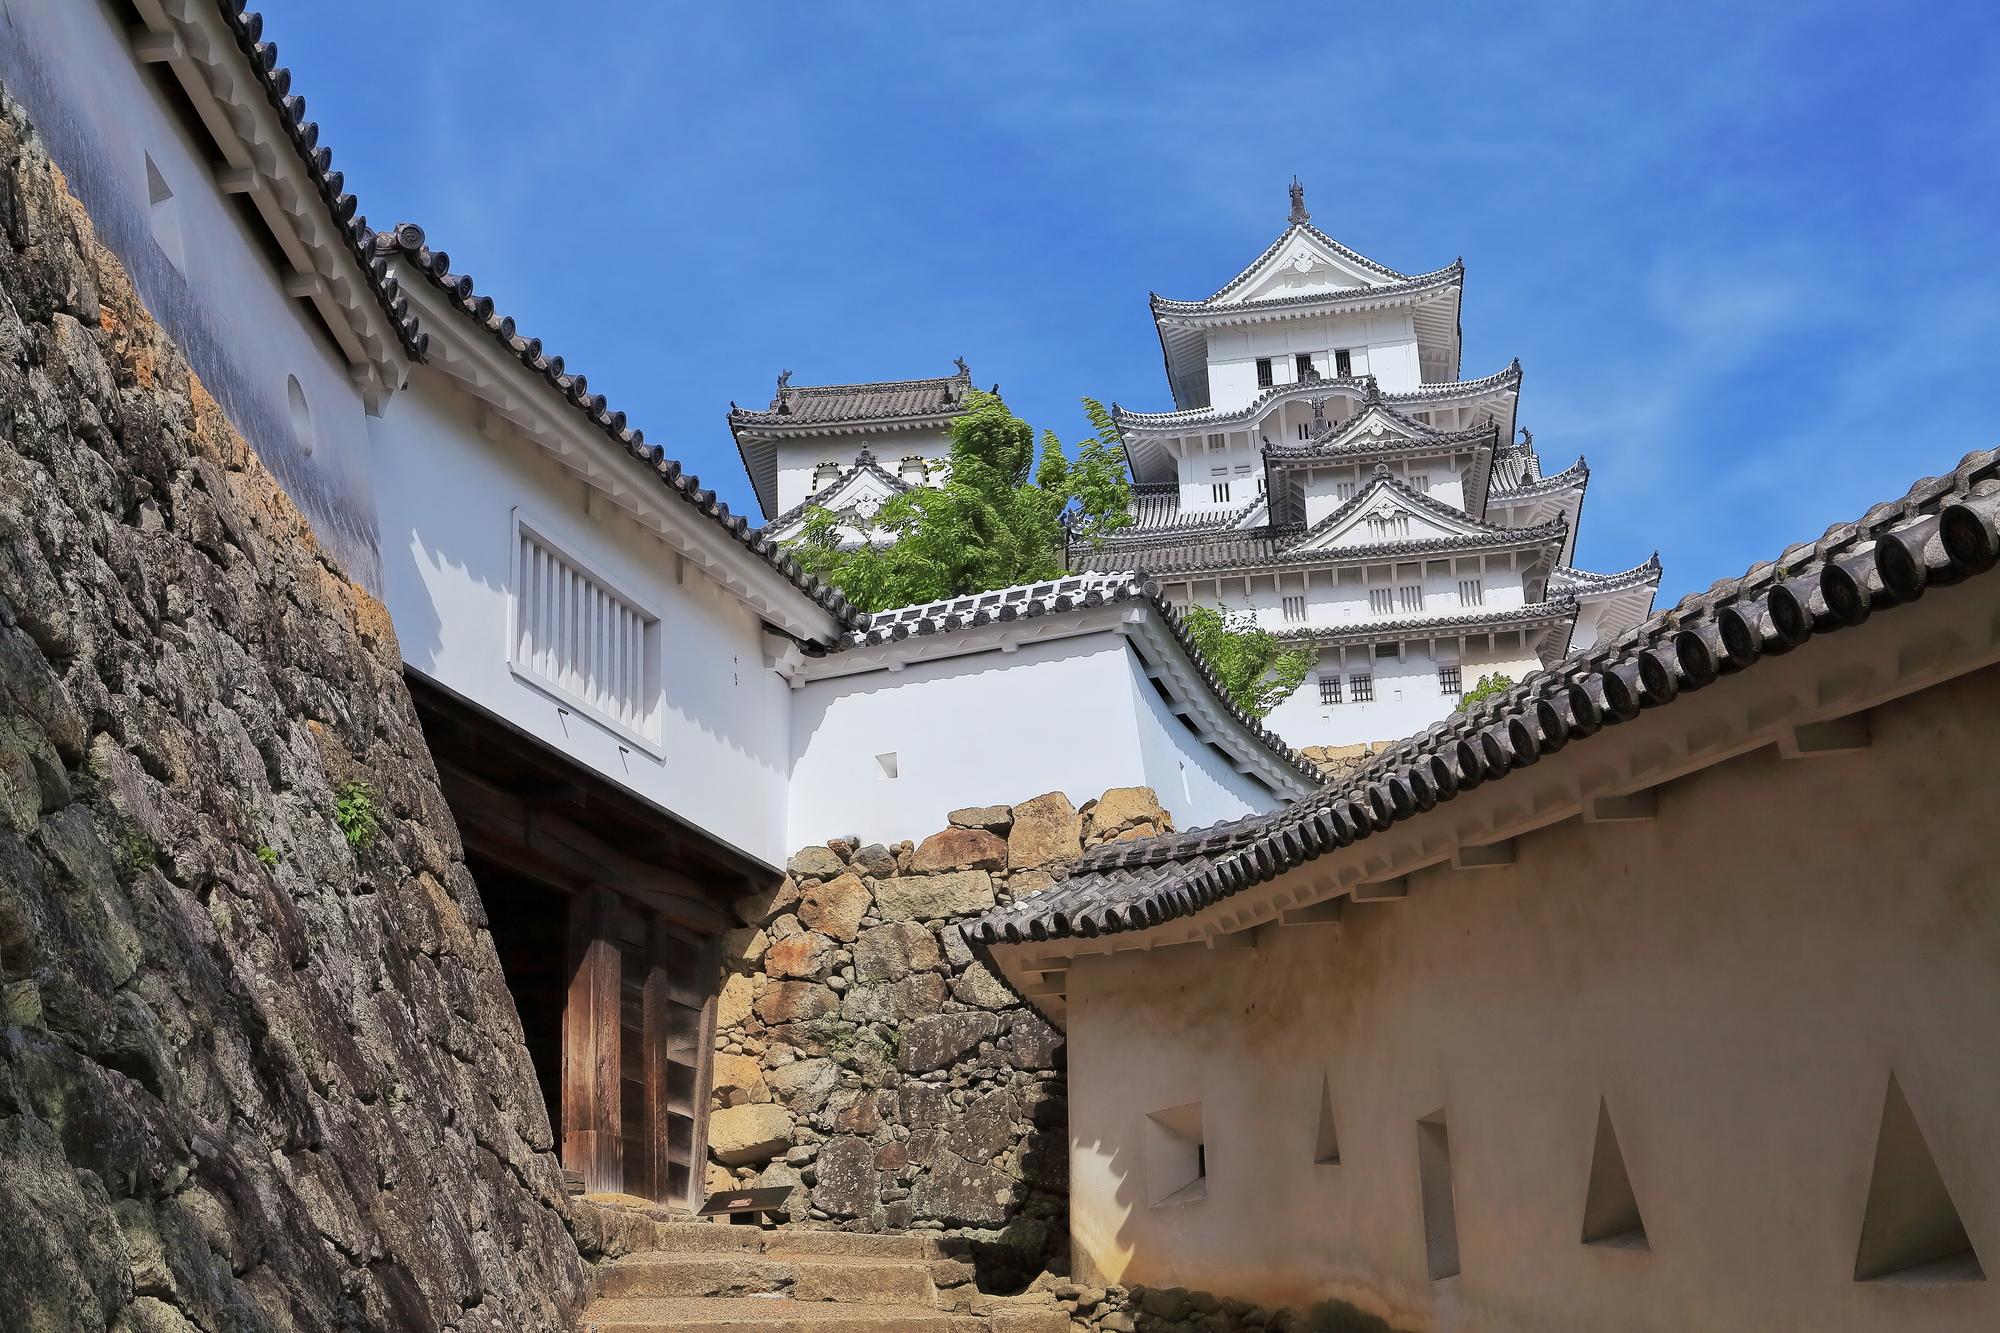 歴史的建造物にも筋交が使われている